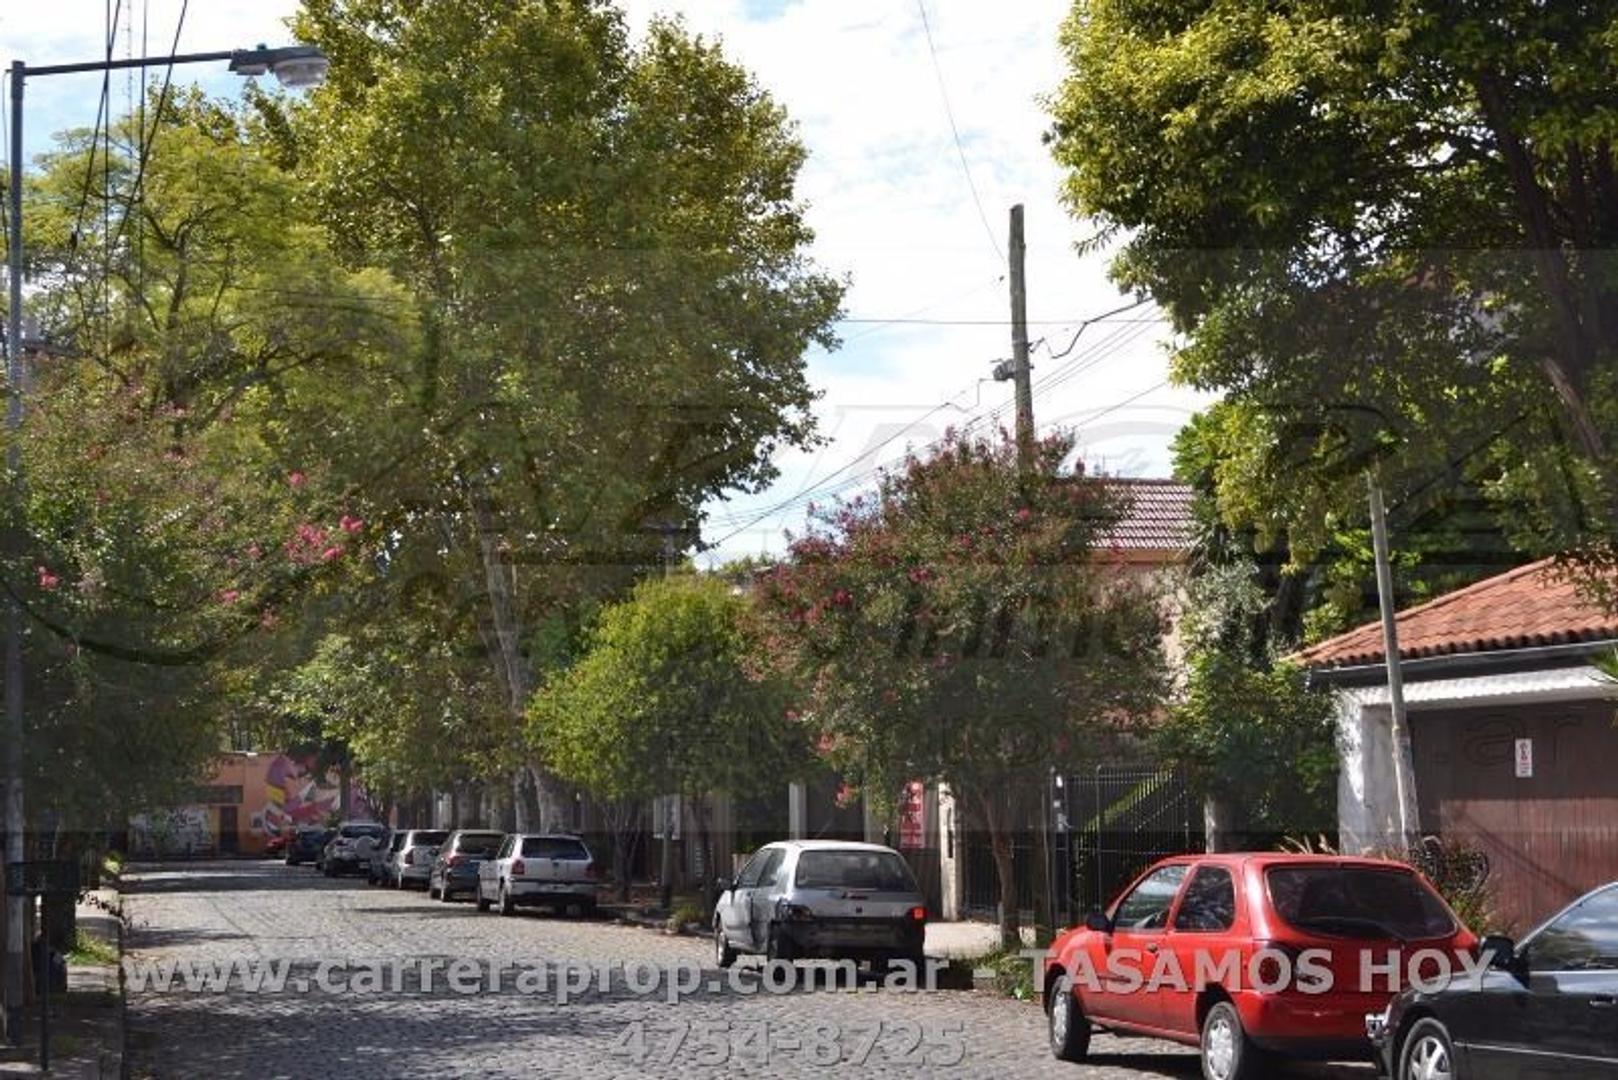 APTO CREDITO -  CASA de estilo 3 amb en San Andres, BSAS – www.carreraprop.com.ar  - tasamos HOY